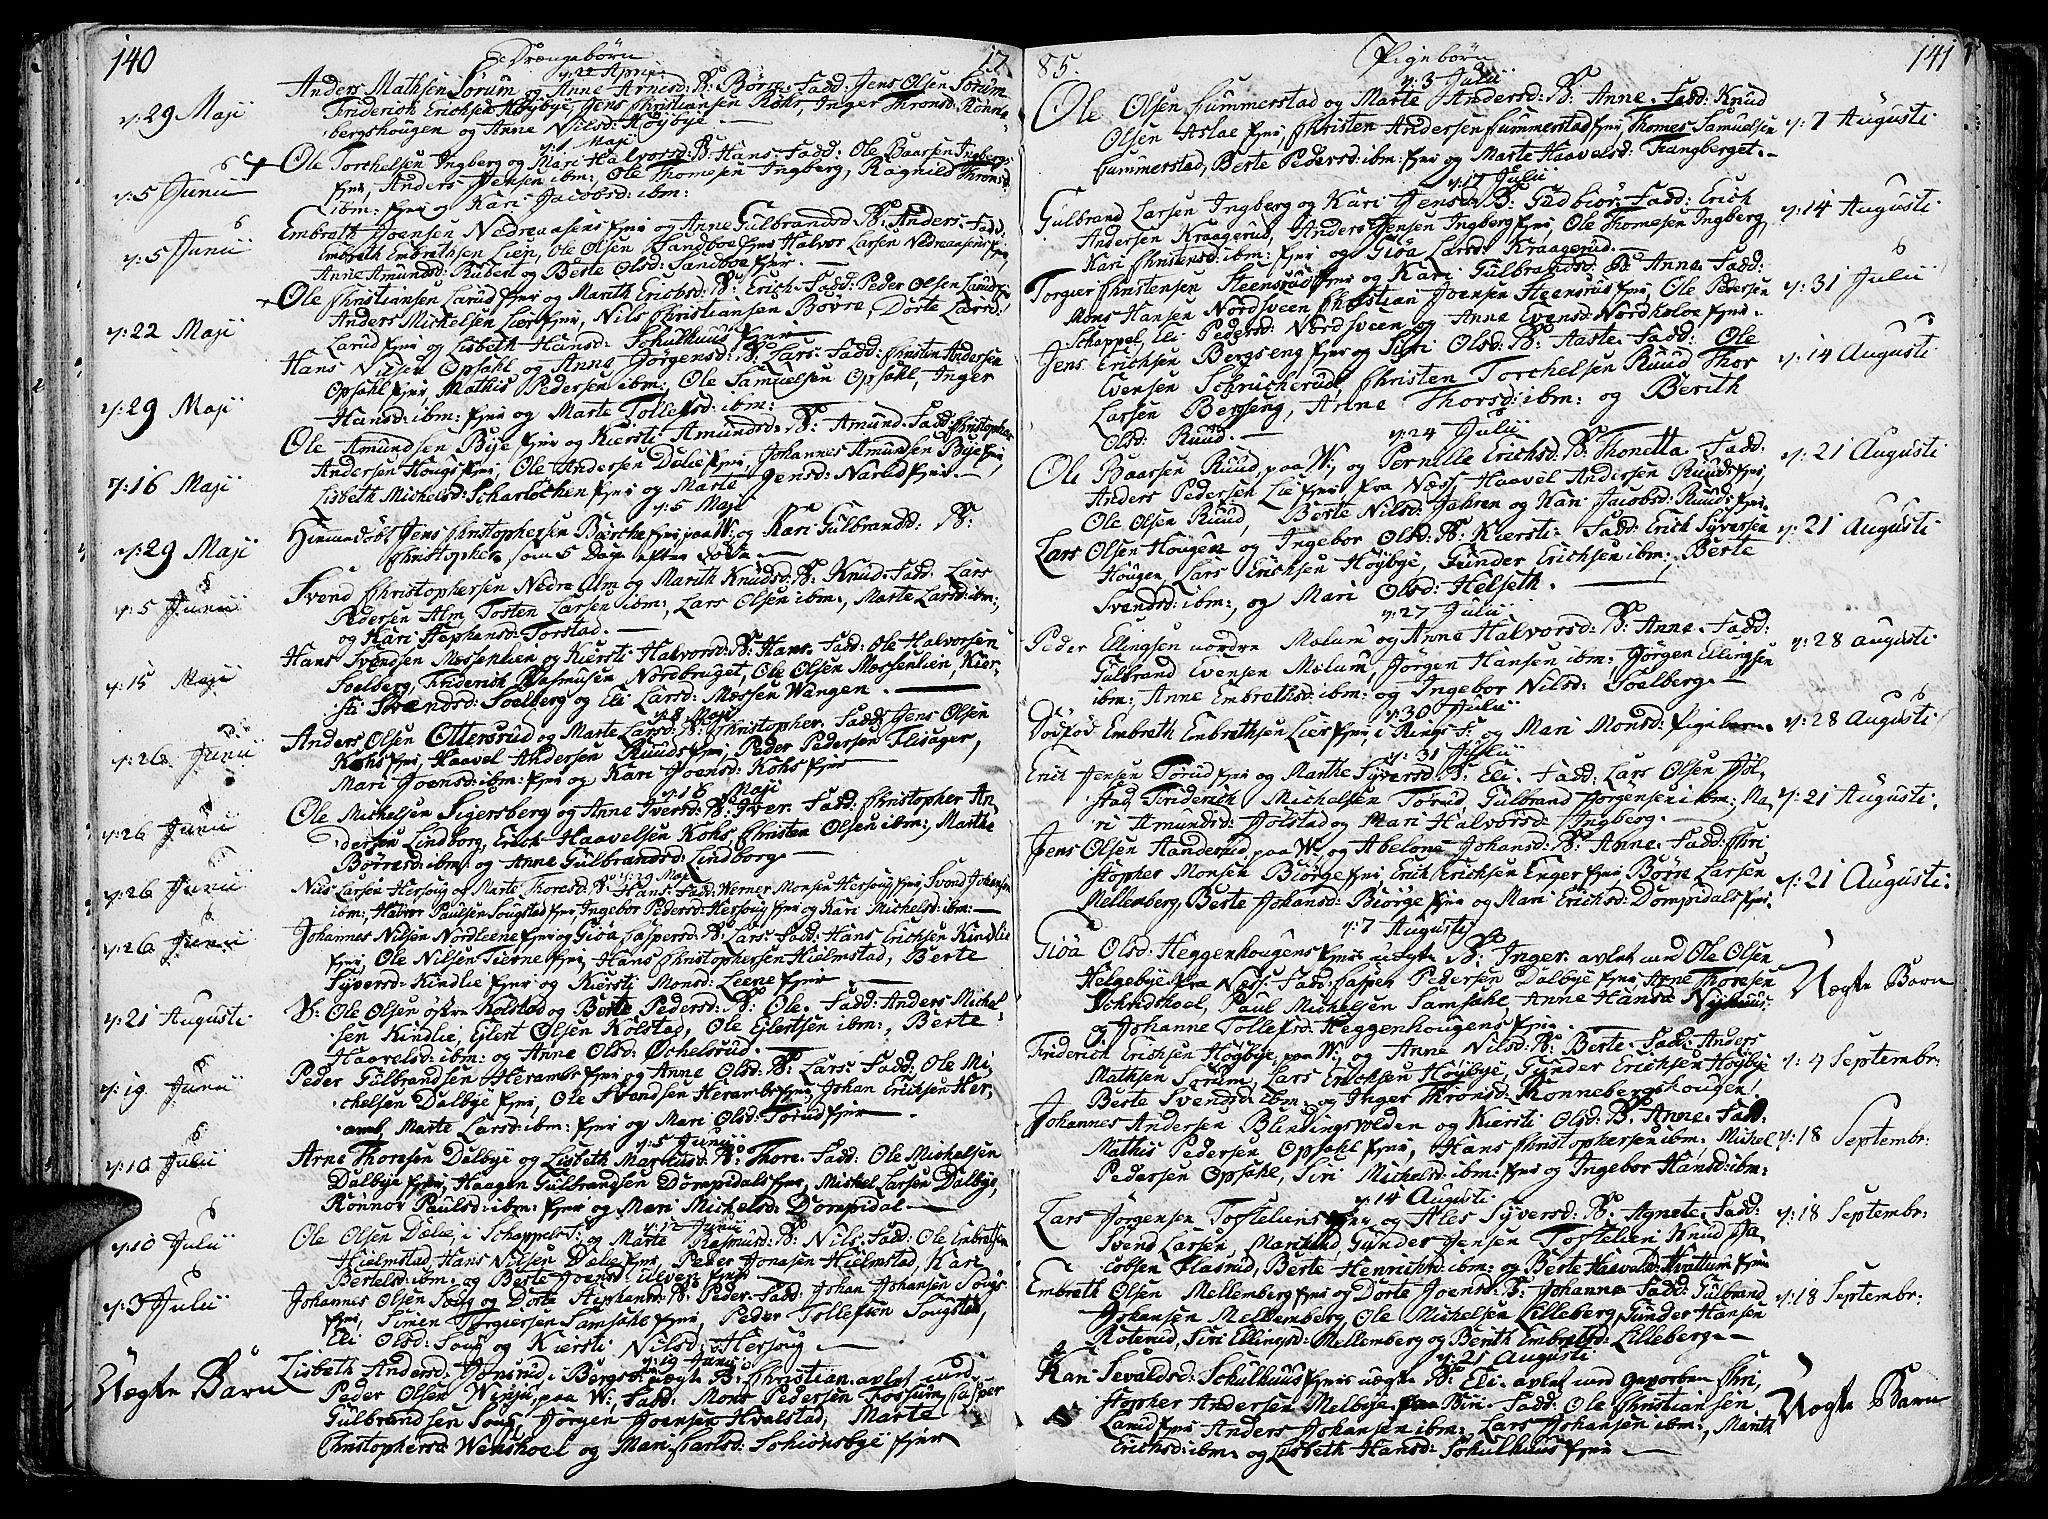 SAH, Ringsaker prestekontor, K/Ka/L0003: Ministerialbok nr. 3, 1775-1798, s. 140-141